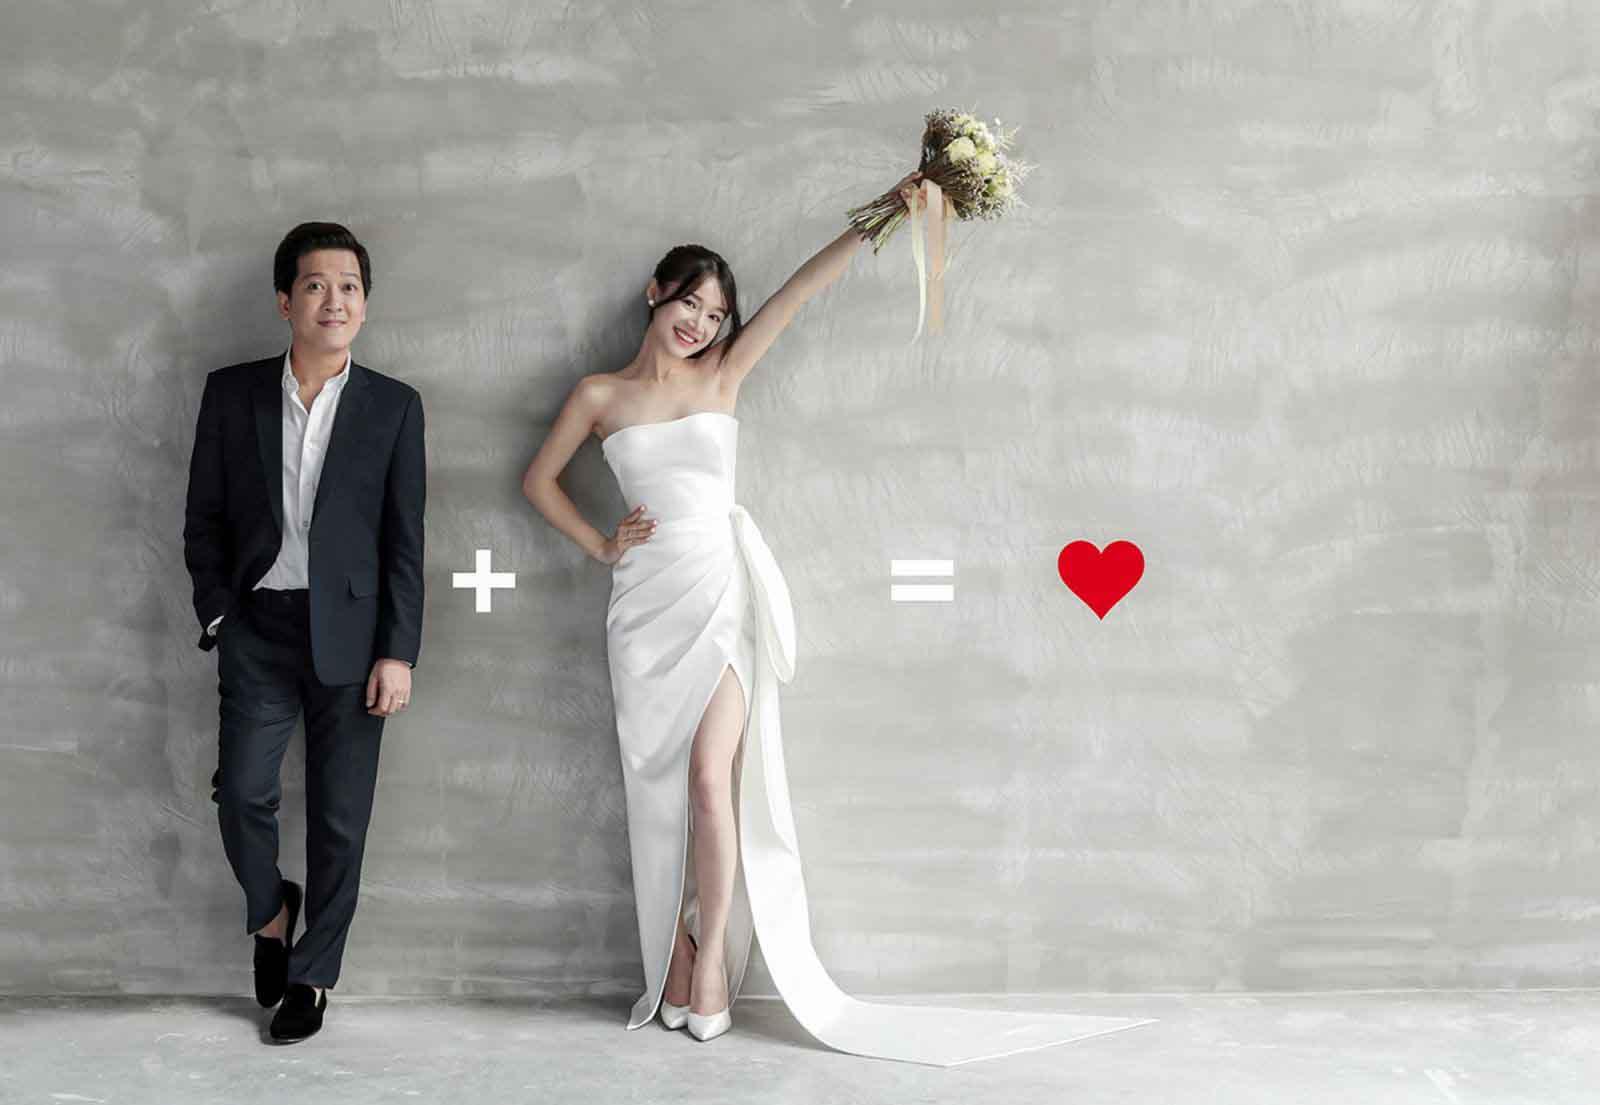 Nhã Phương - Trường Giang khoe bộ ảnh cưới tuyệt đẹp